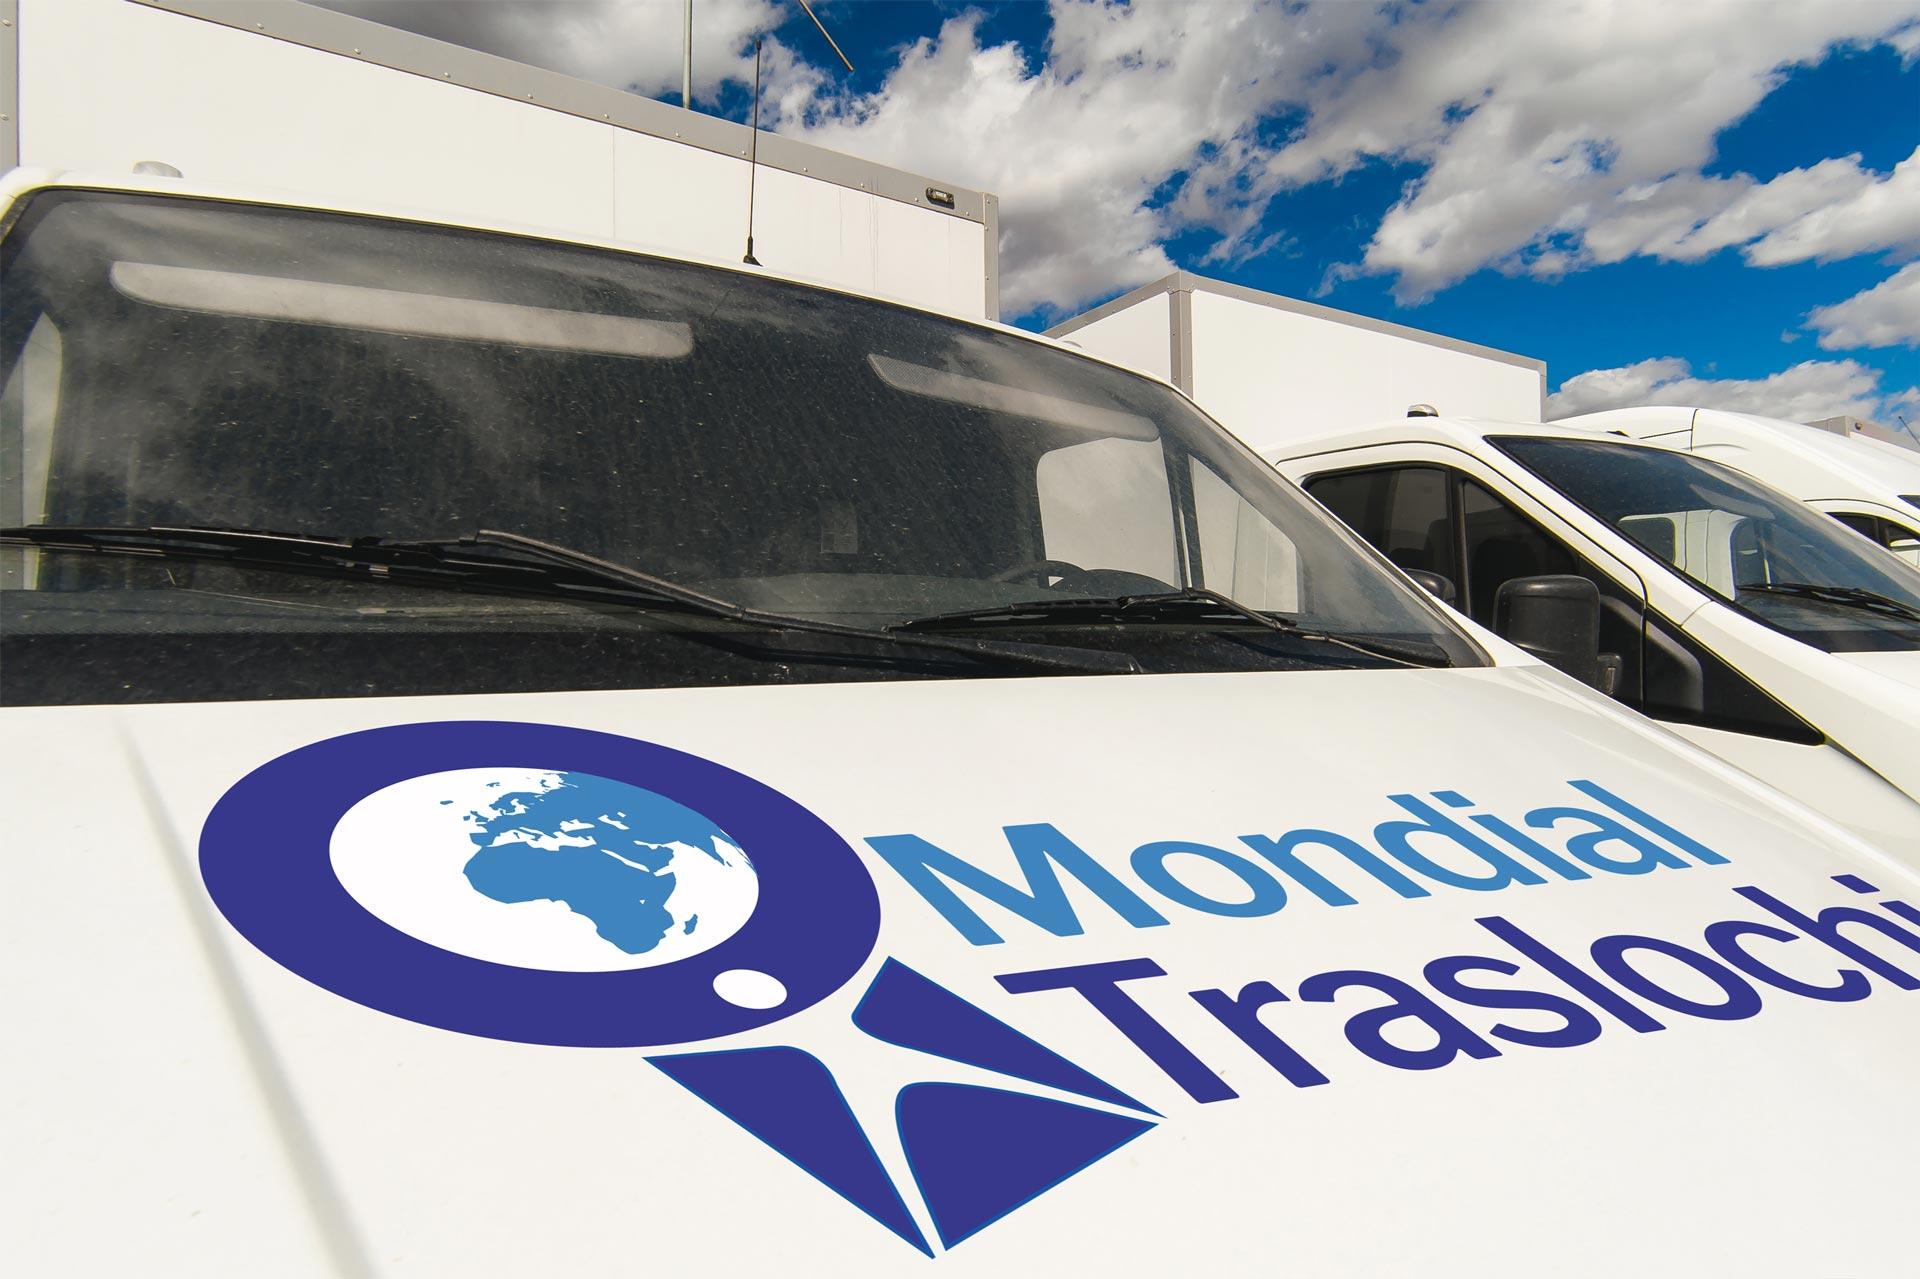 Noleggio automezzi Mondial Traslochi